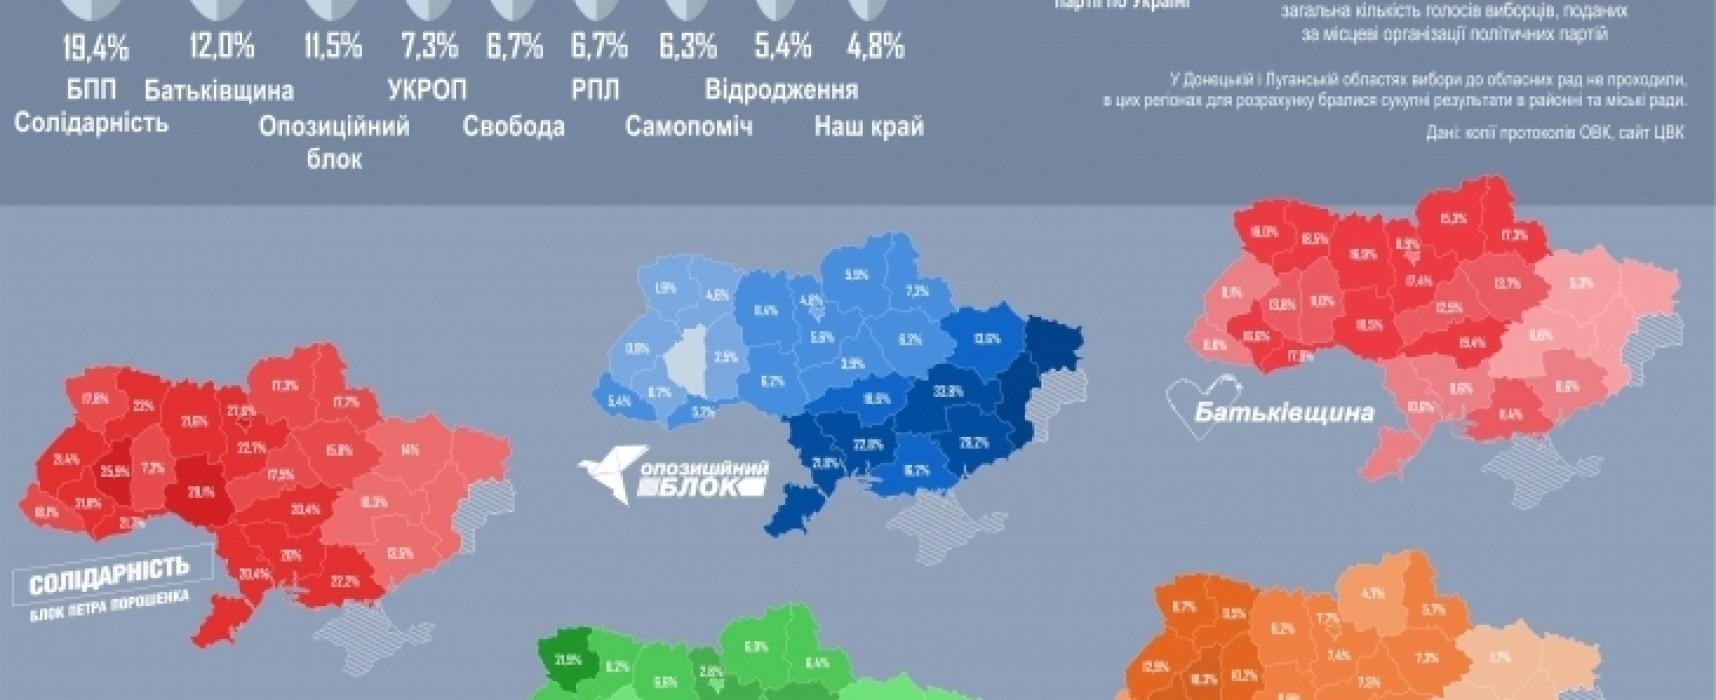 Putin exageró los resultados de Bloque de oposición en las elecciones